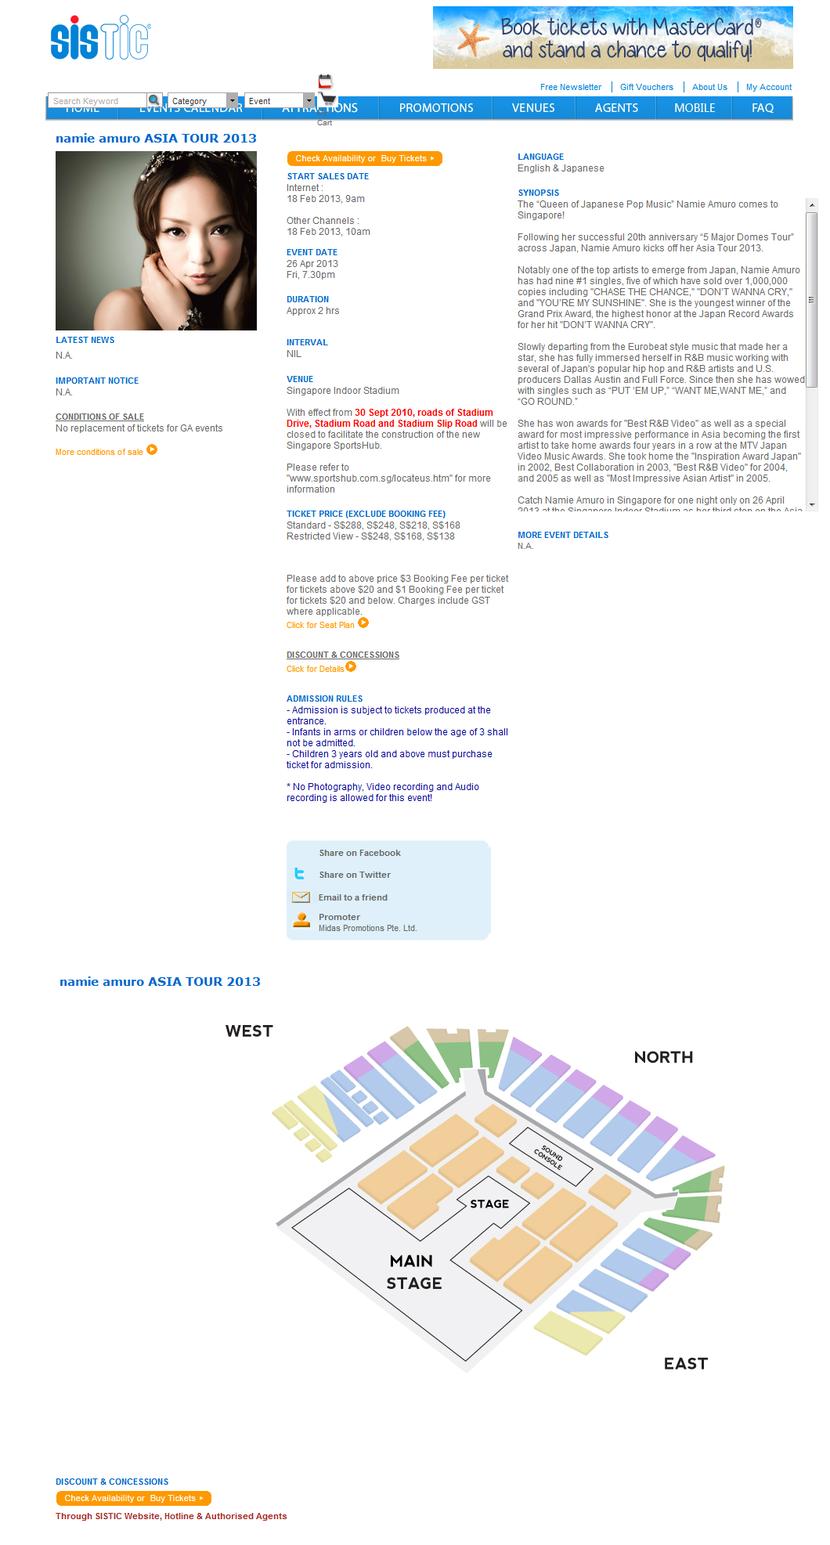 namie amuro ASIA TOUR 2013 Singapore